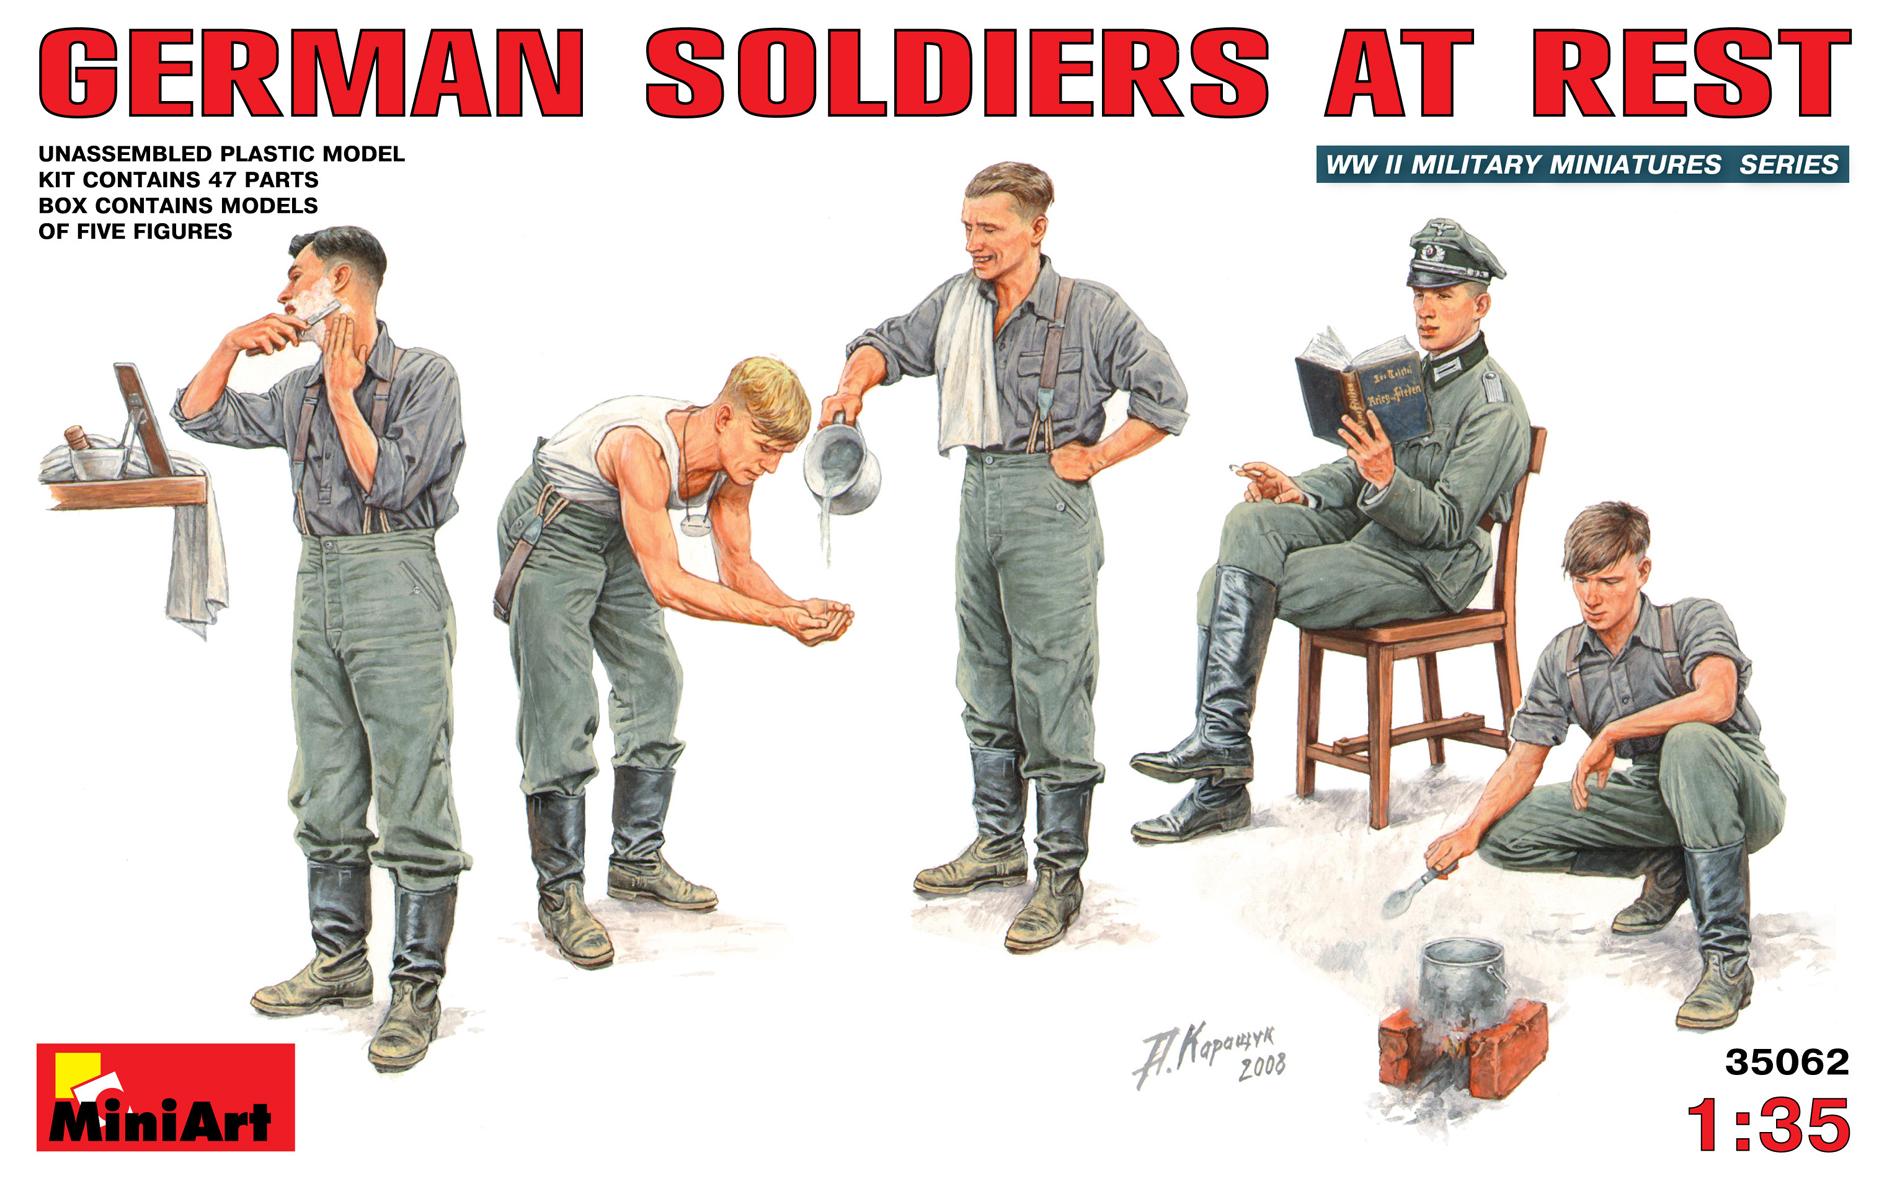 35062 德国士兵休息状态